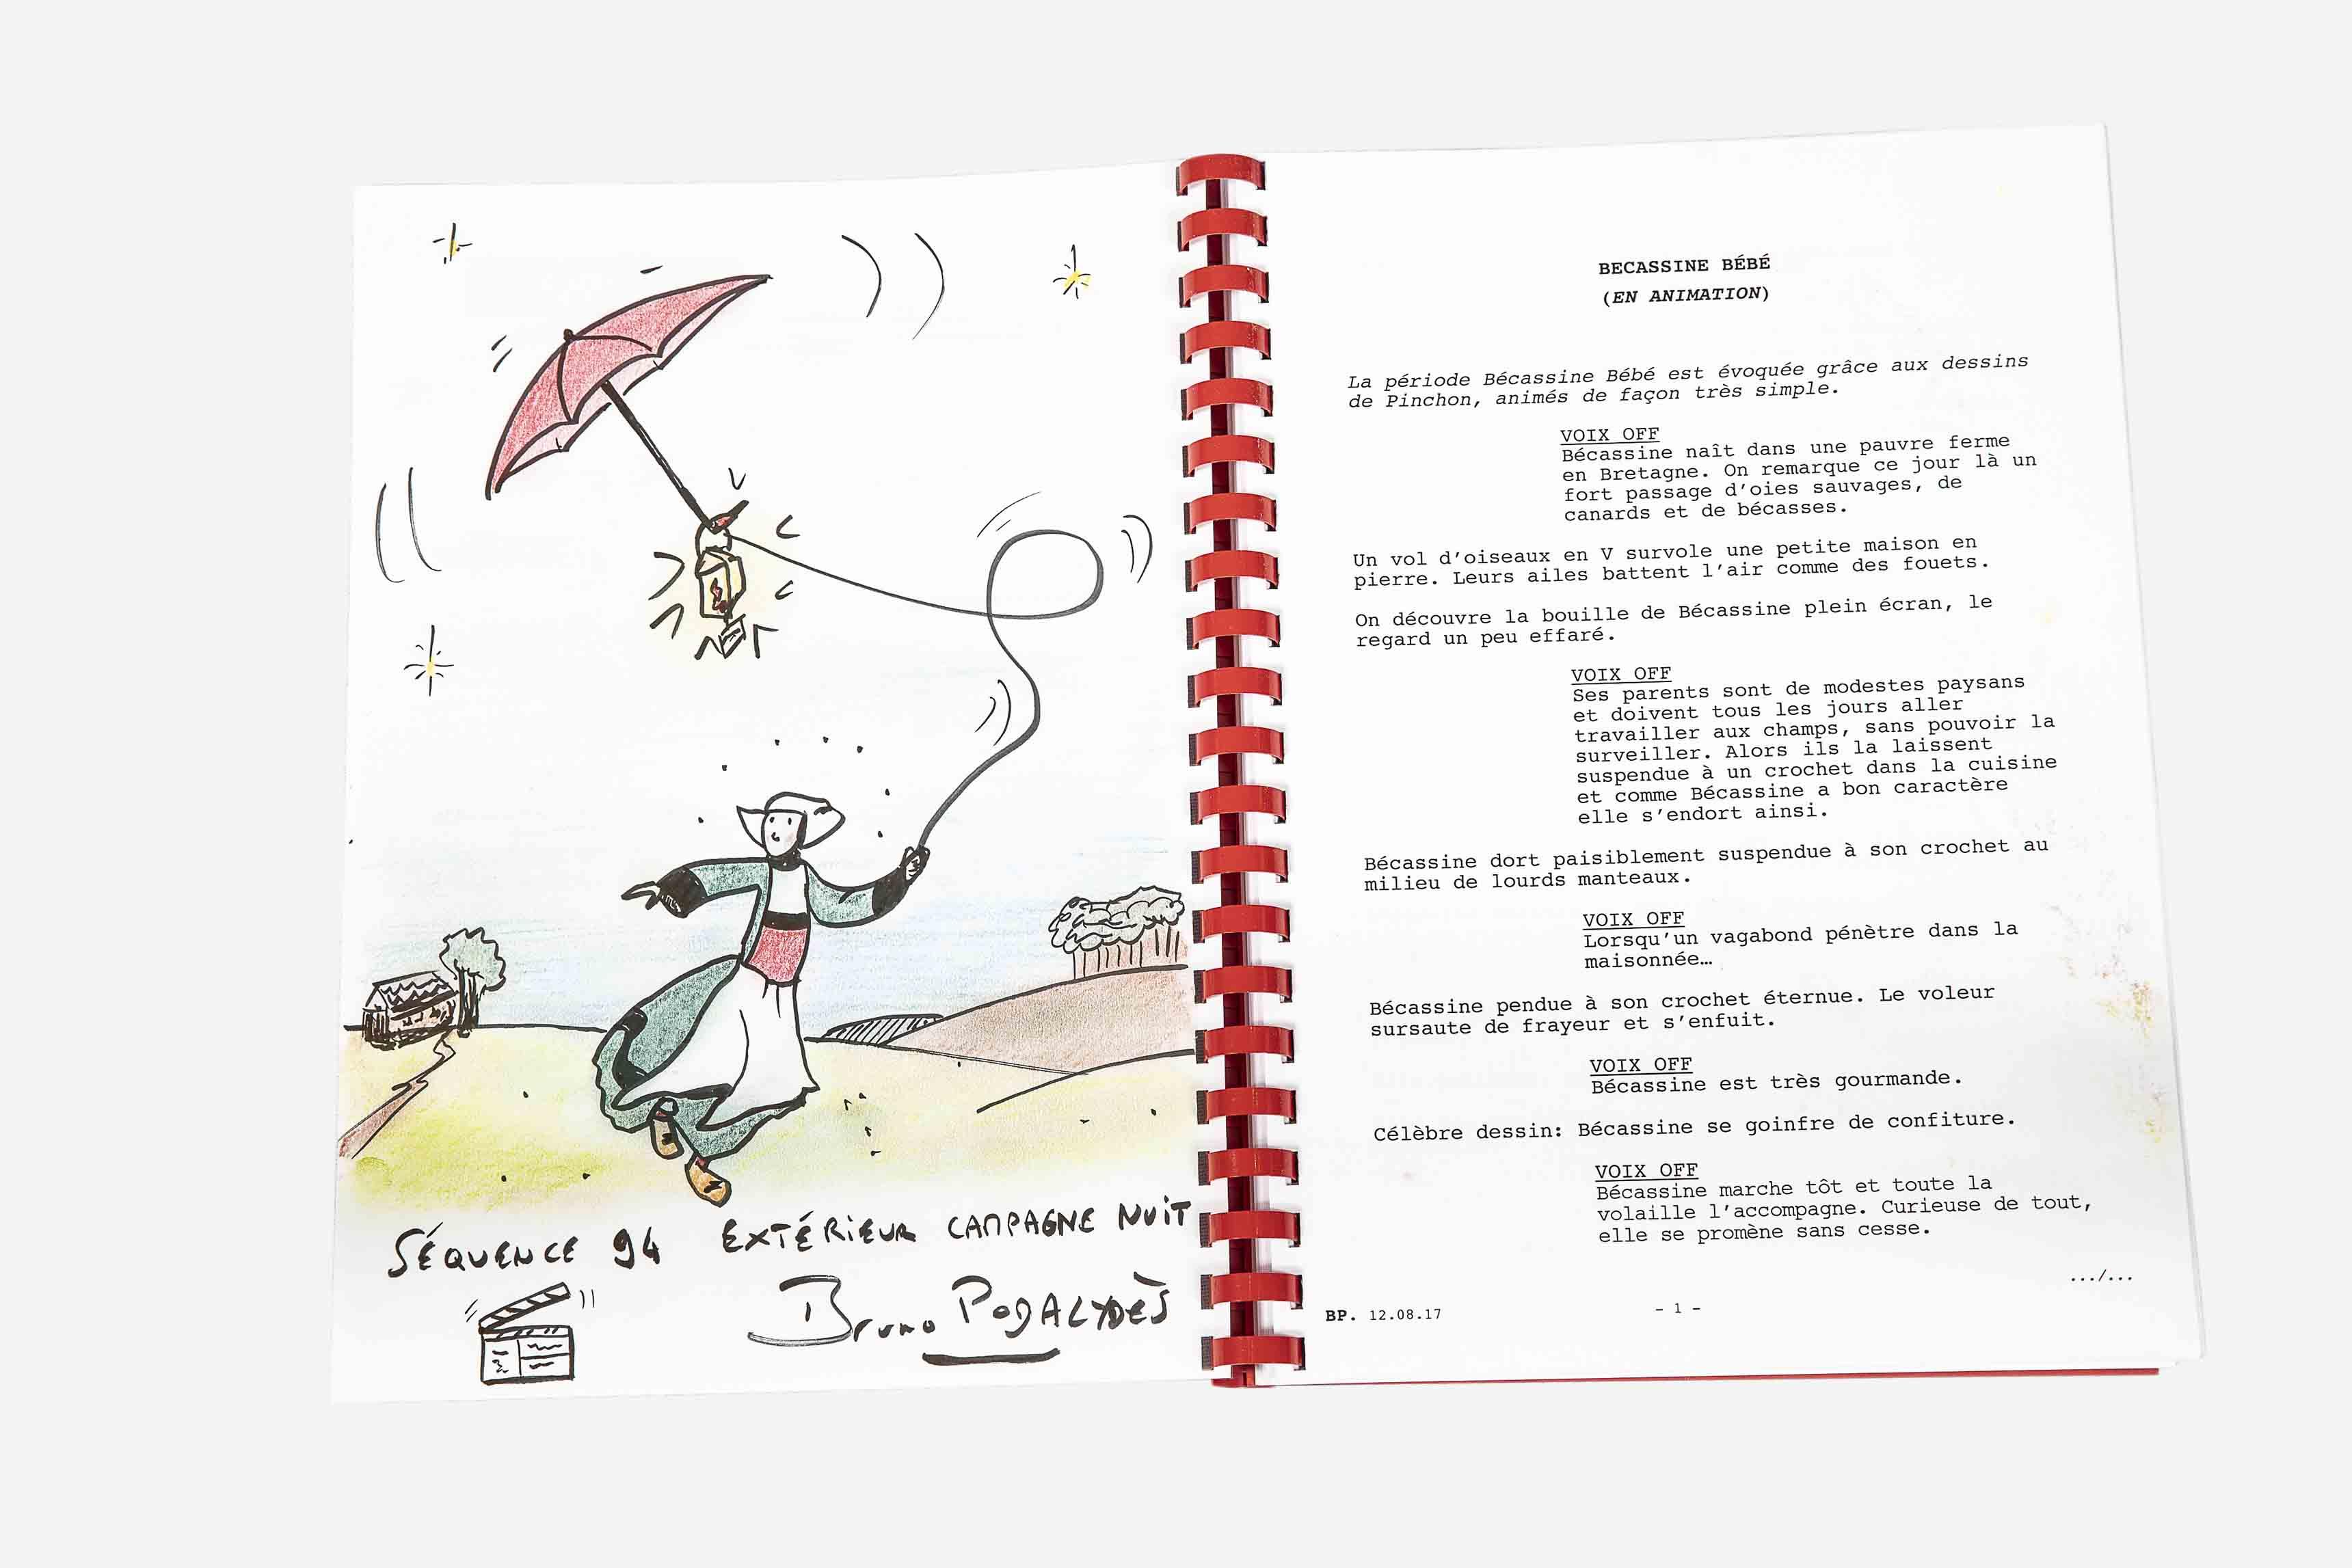 Lot n°9  Scénario et ensemble d'objets issus du tournage du film Bécassine ! de Bruno Podalydès (sortie prévue en juin 2018) Scénario signé par Bruno Podalydès, avec en première page un dessin original de ce dernier intitulé « Séquence 94 extérieur campagne nuit » représentant Bécassine et son parapluie.  Estimation : 300 - 500 €  ©CNC/Art Richelieu/Drouot